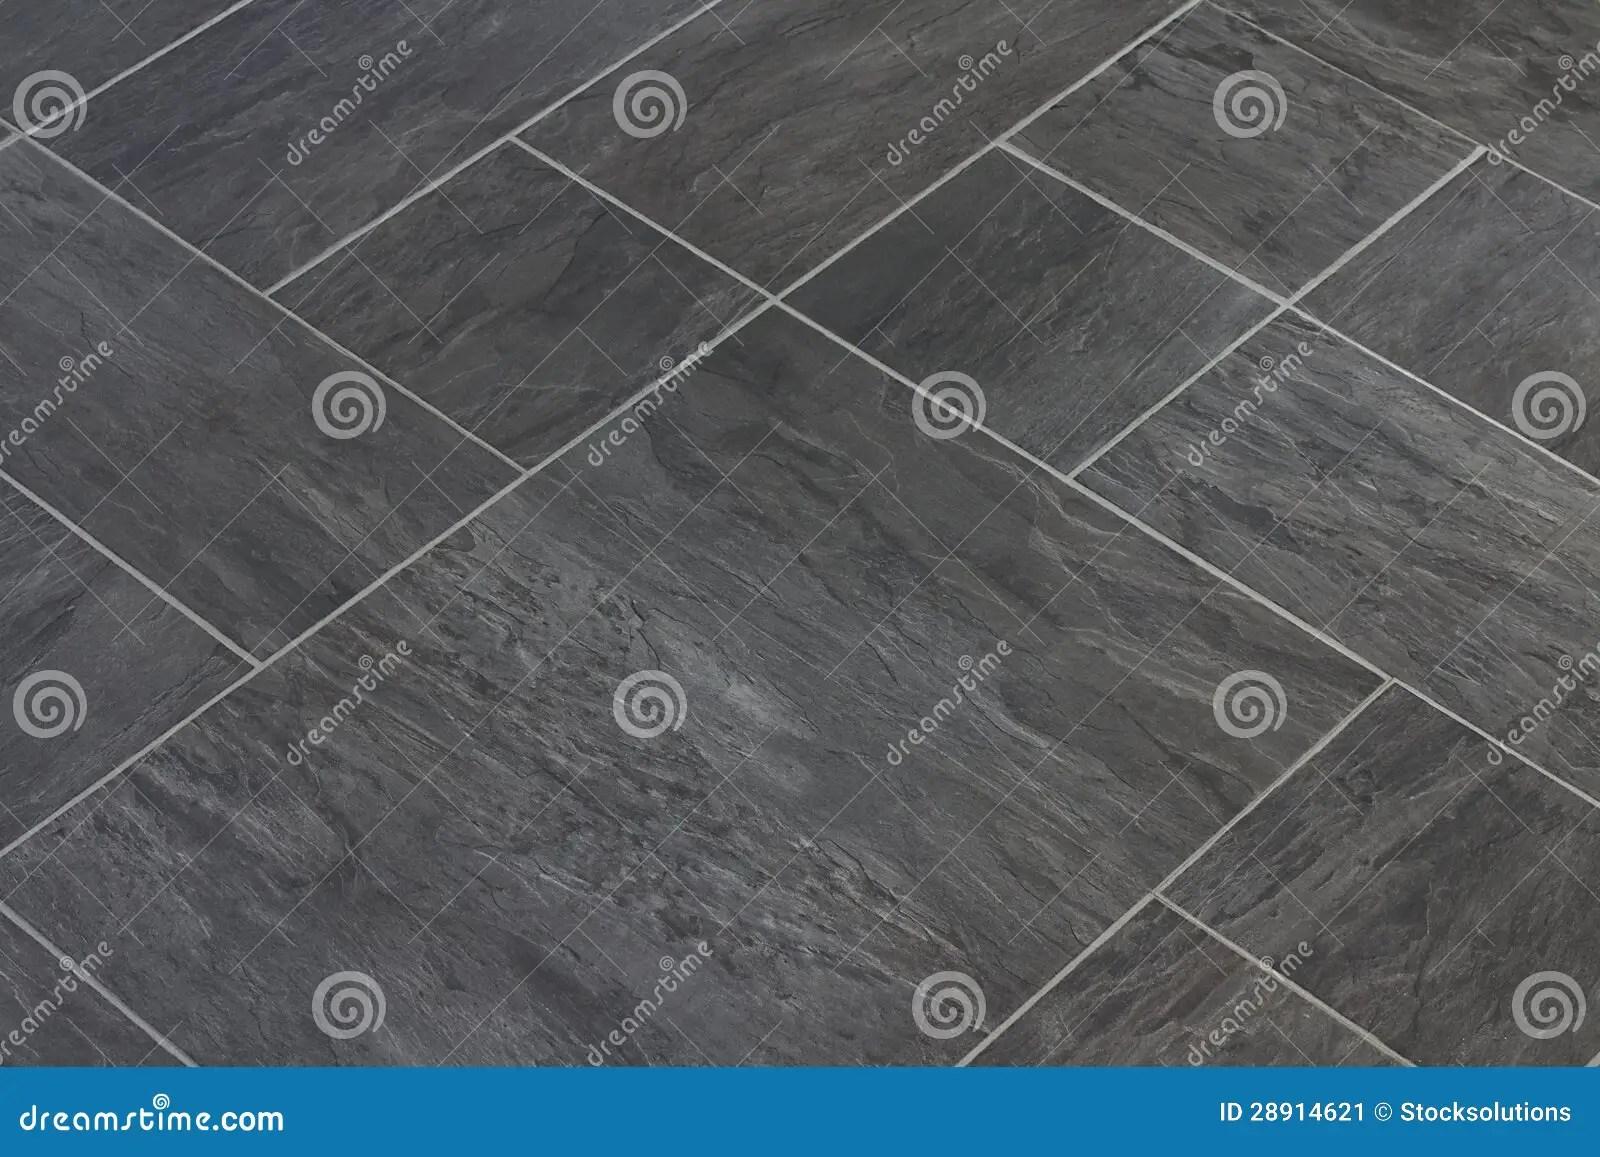 kitchen vinyl floor tiles tool holder 板岩石纹理乙烯基地垫库存图片 图片包括有黑暗 grunge 材料 靠山 指定难倒现代厨房和卫生间的纹理乙烯基一个普遍的选择